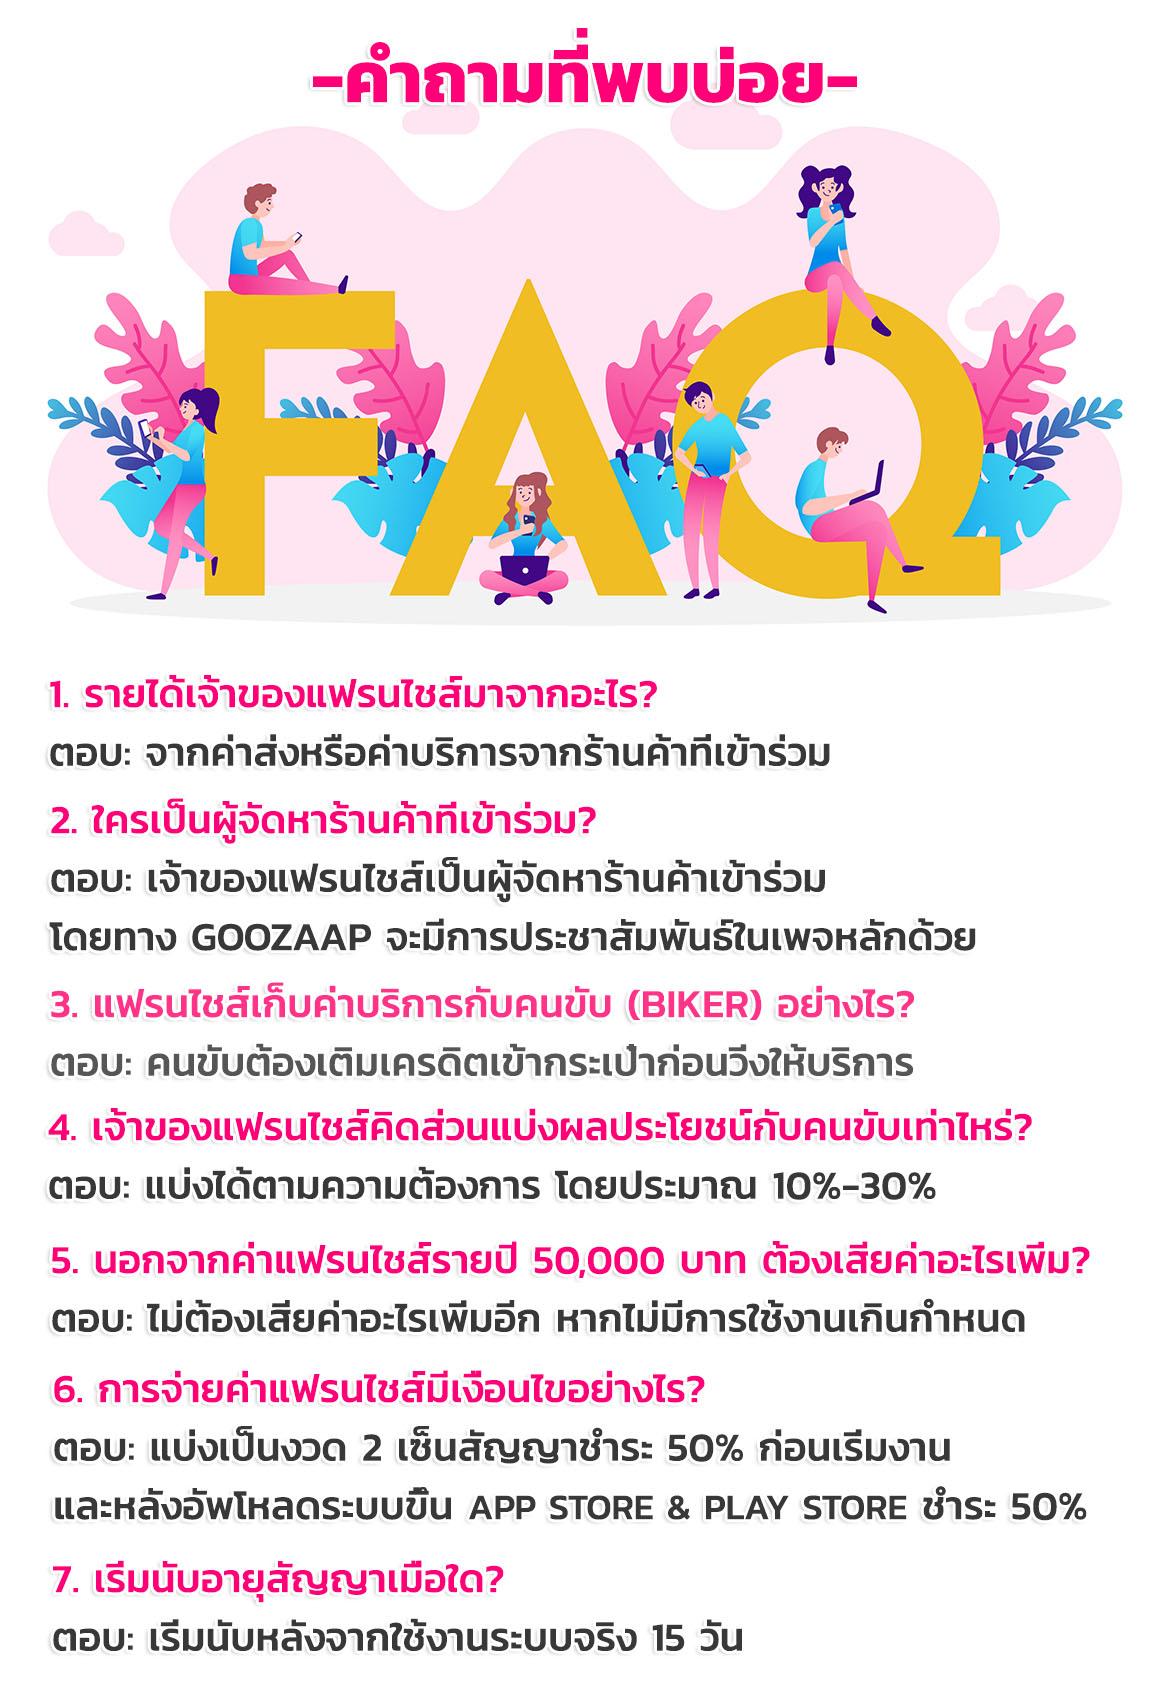 FAQ คำถามที่พบบ่อย GooZaap แอพเดลิเวอรี่